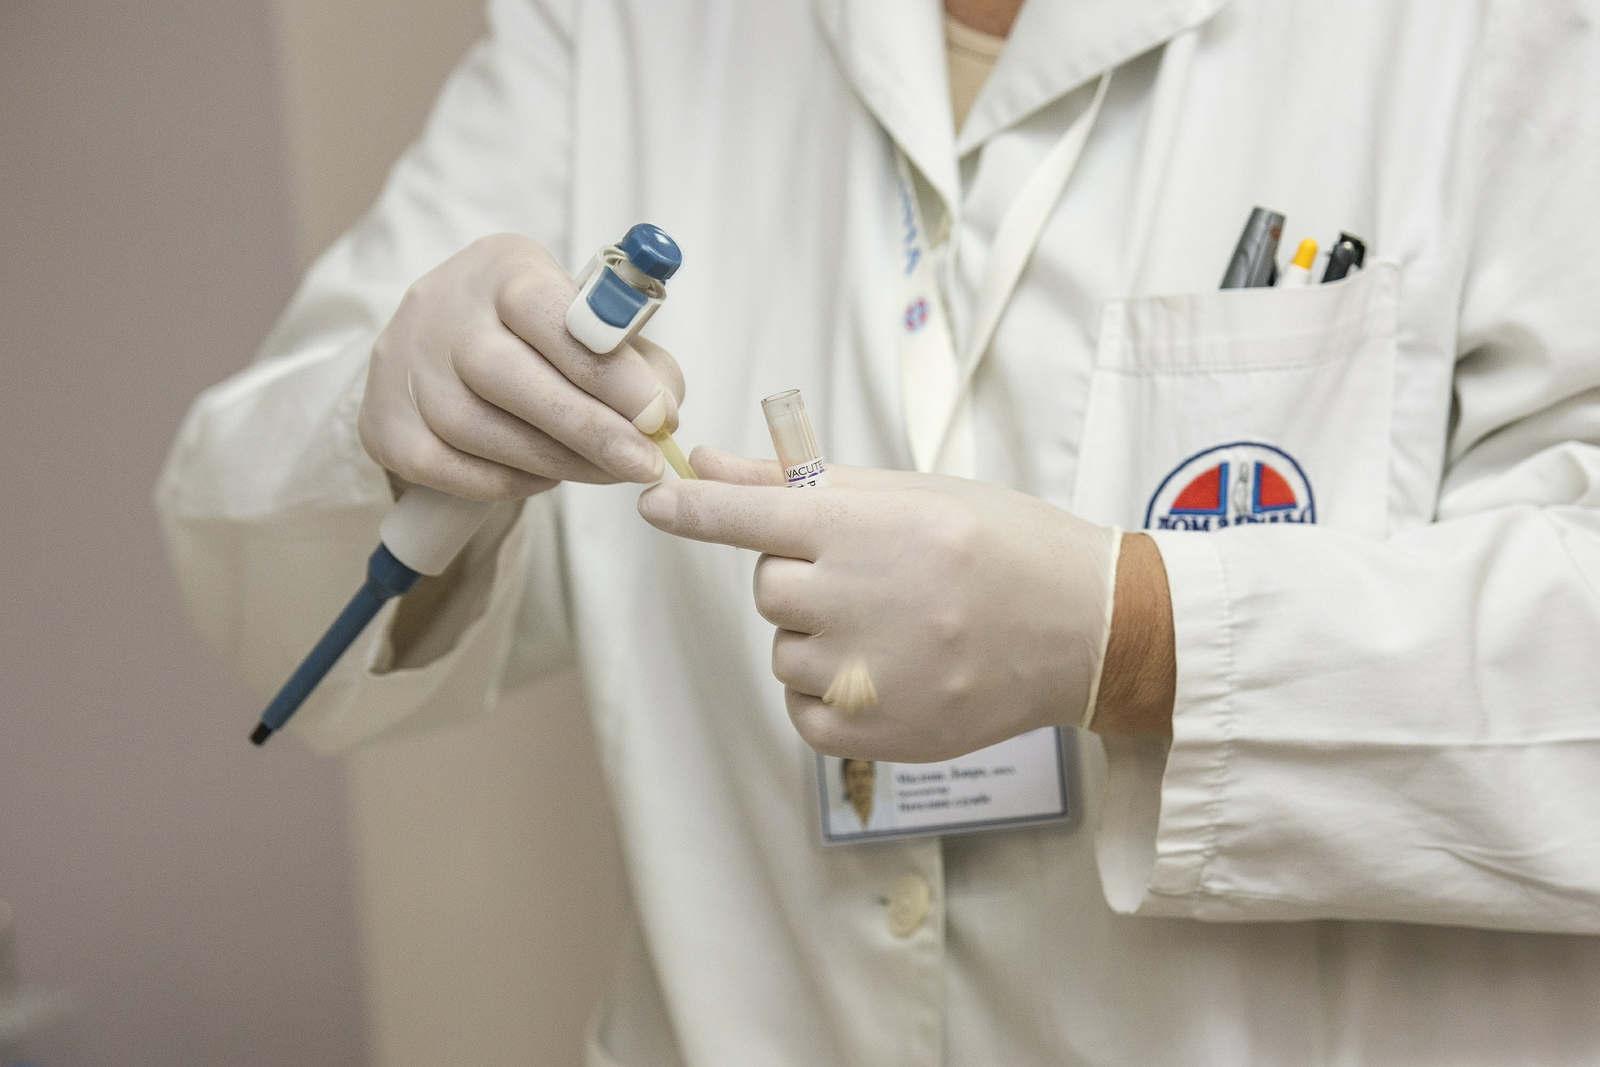 Errori Medici Malasanità AVEM Associazione Vittime Errori Medici